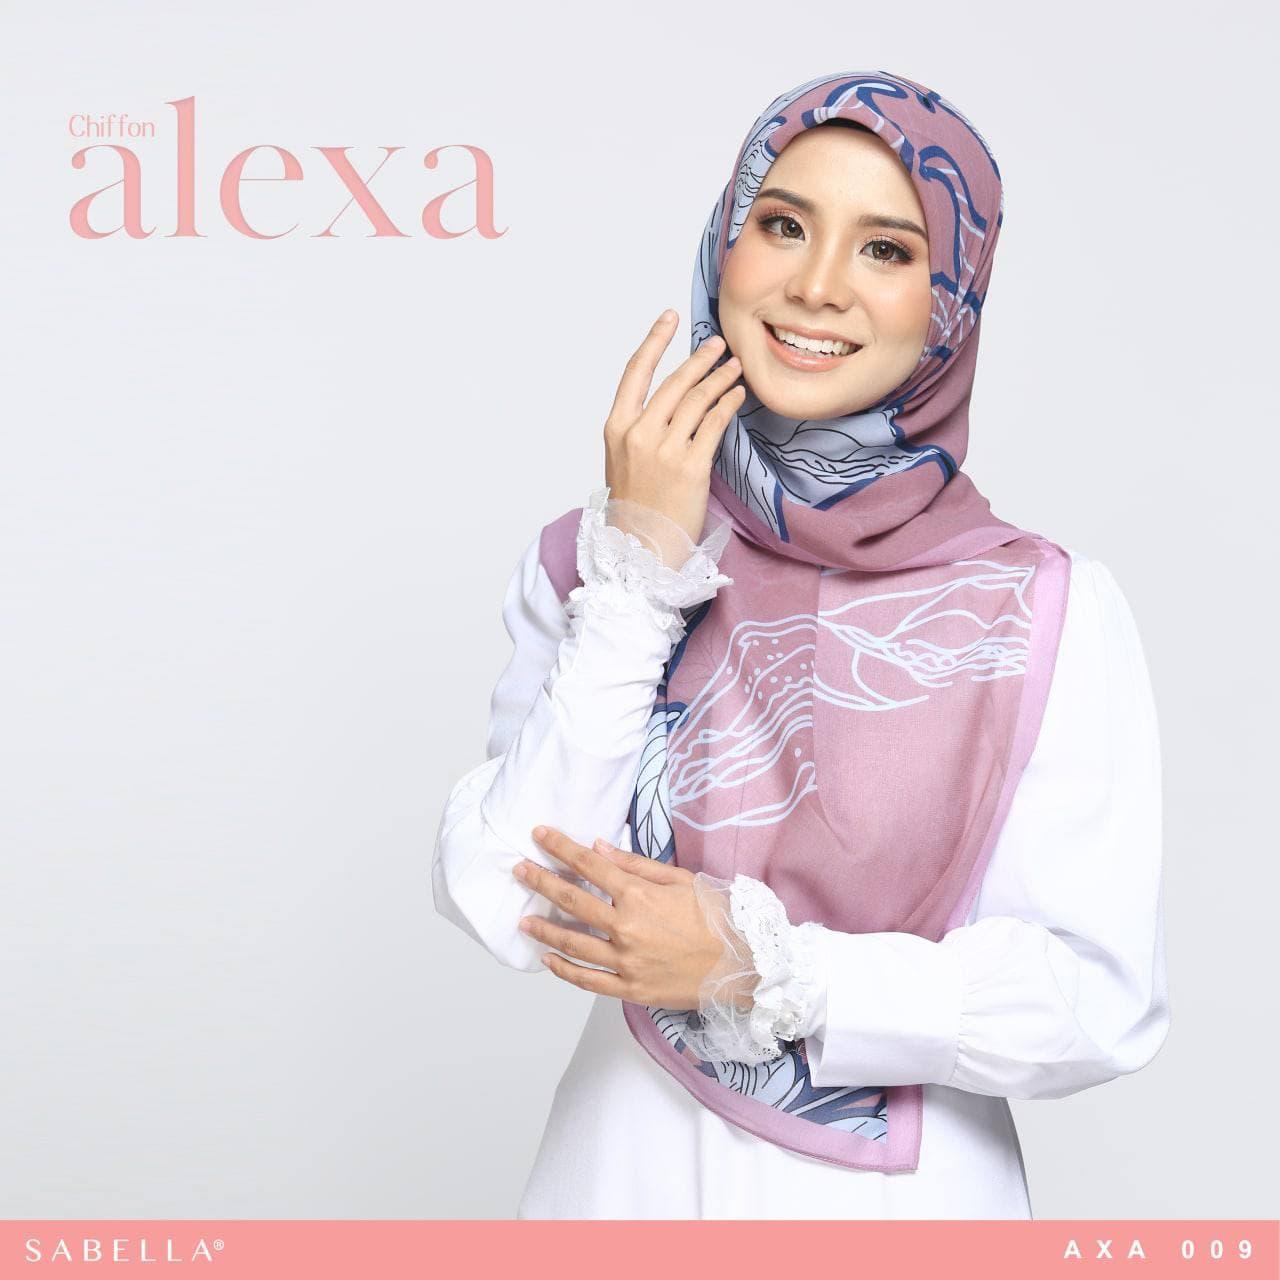 Alexa 009